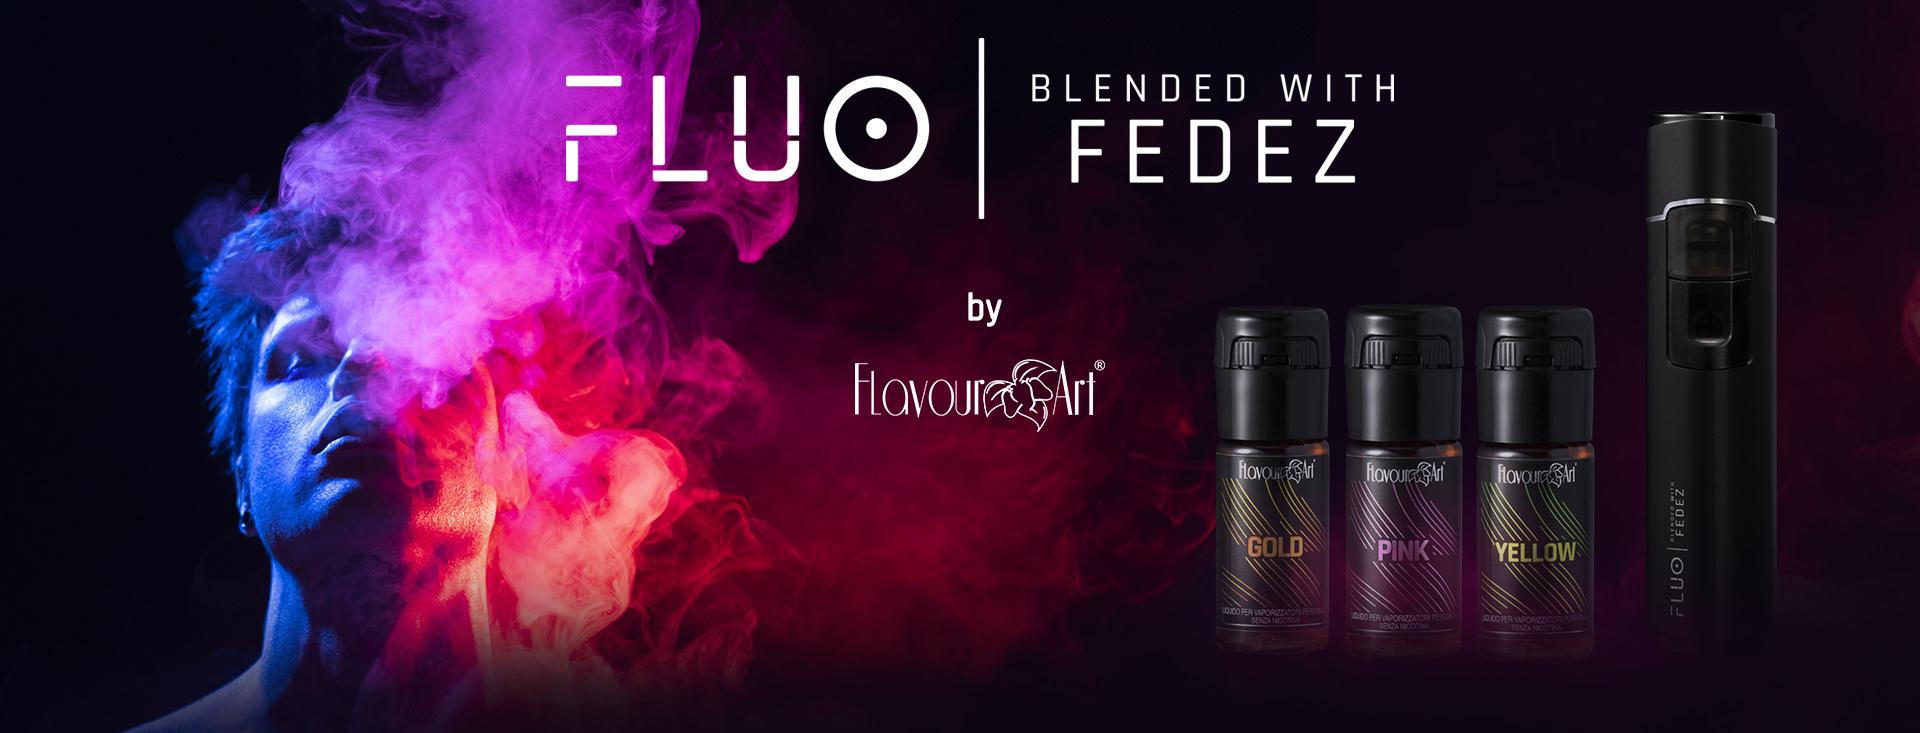 Fedez Linea Fluo pod mod le nuove sigarette 2019 Pod Mod le Nuove Sigarette 2019 Banner Fedez riadattato per sito